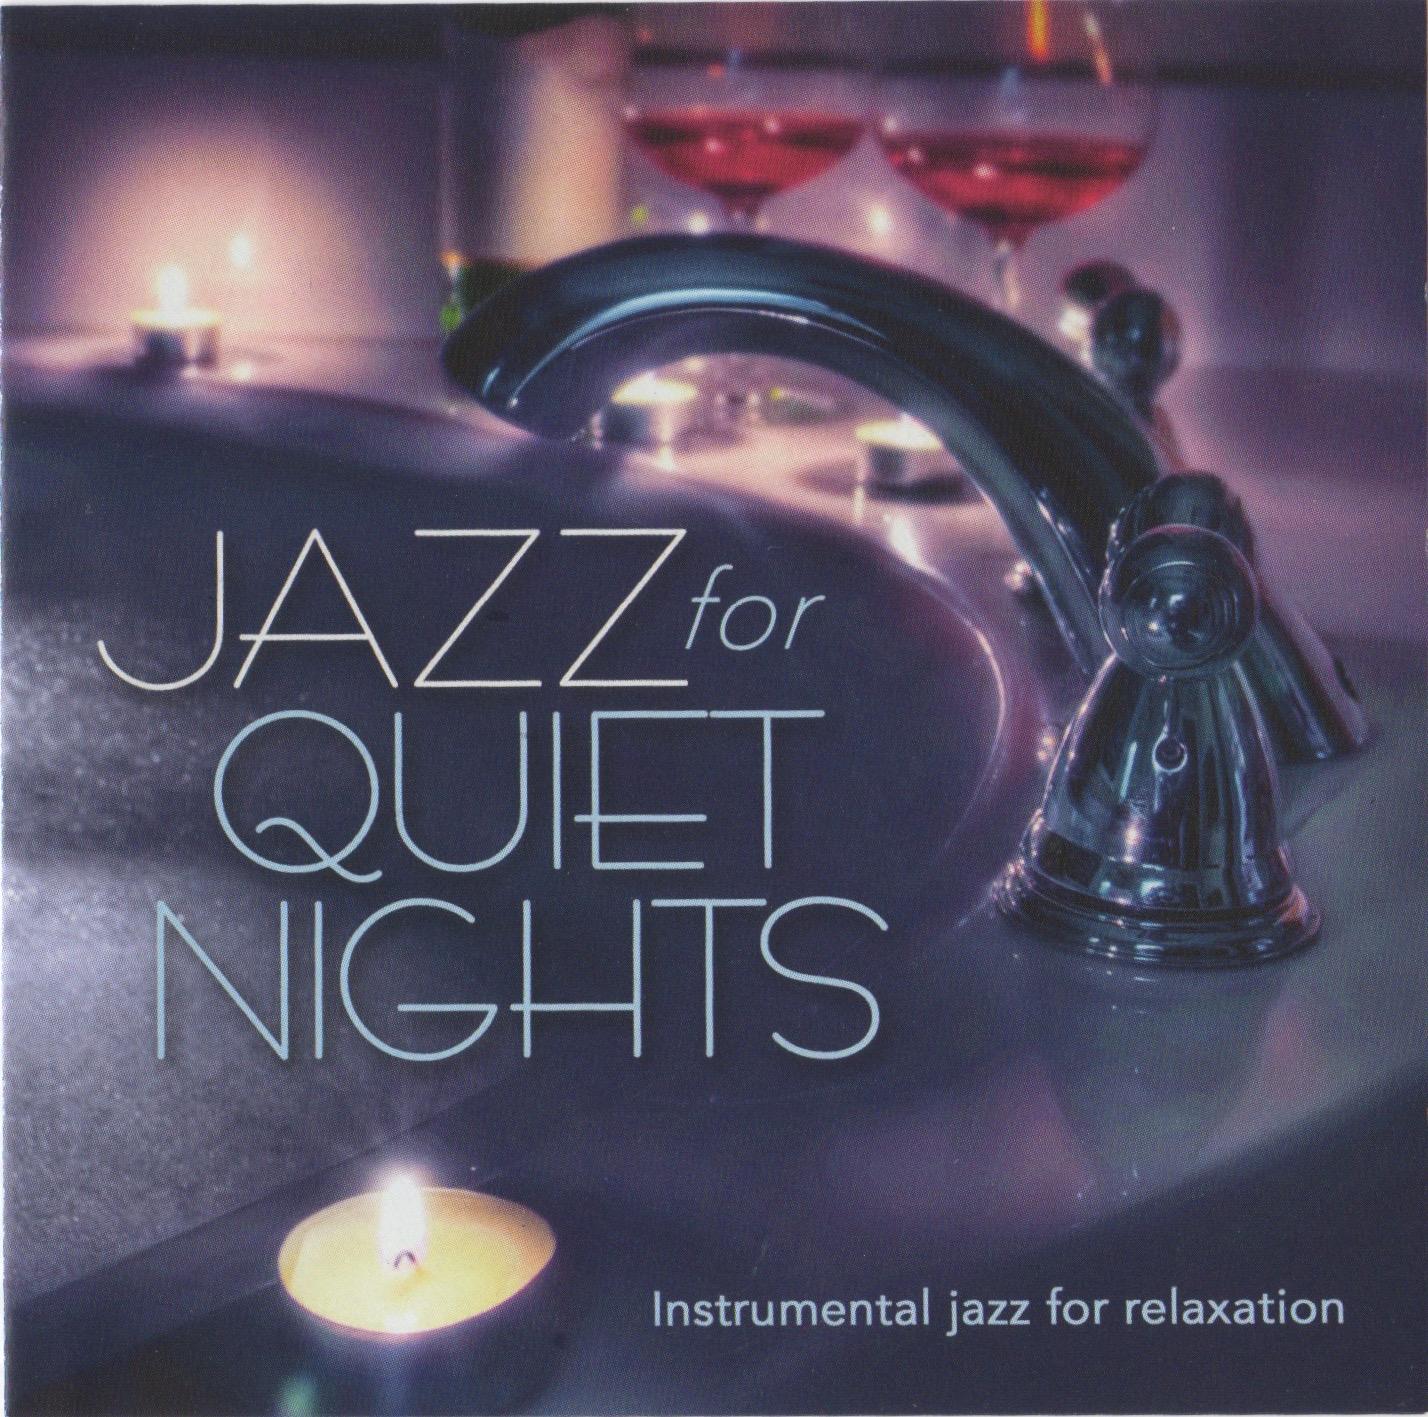 Jazz for Quiet Nights album cover